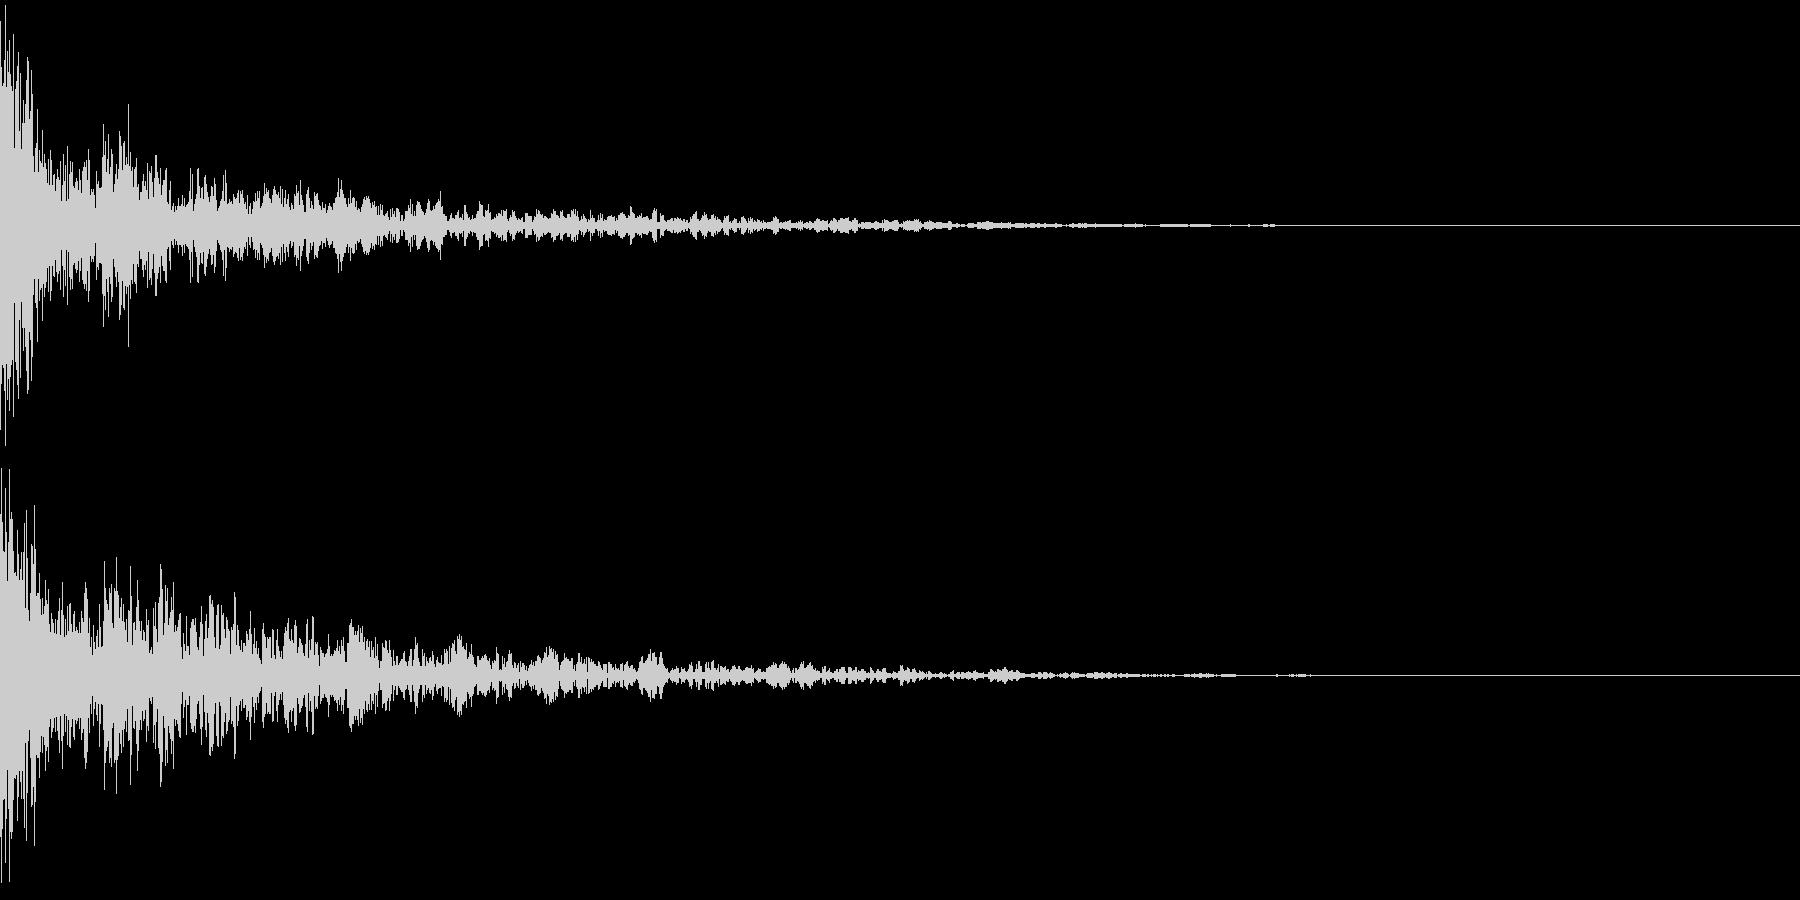 ドーン-41-2(インパクト音)の未再生の波形